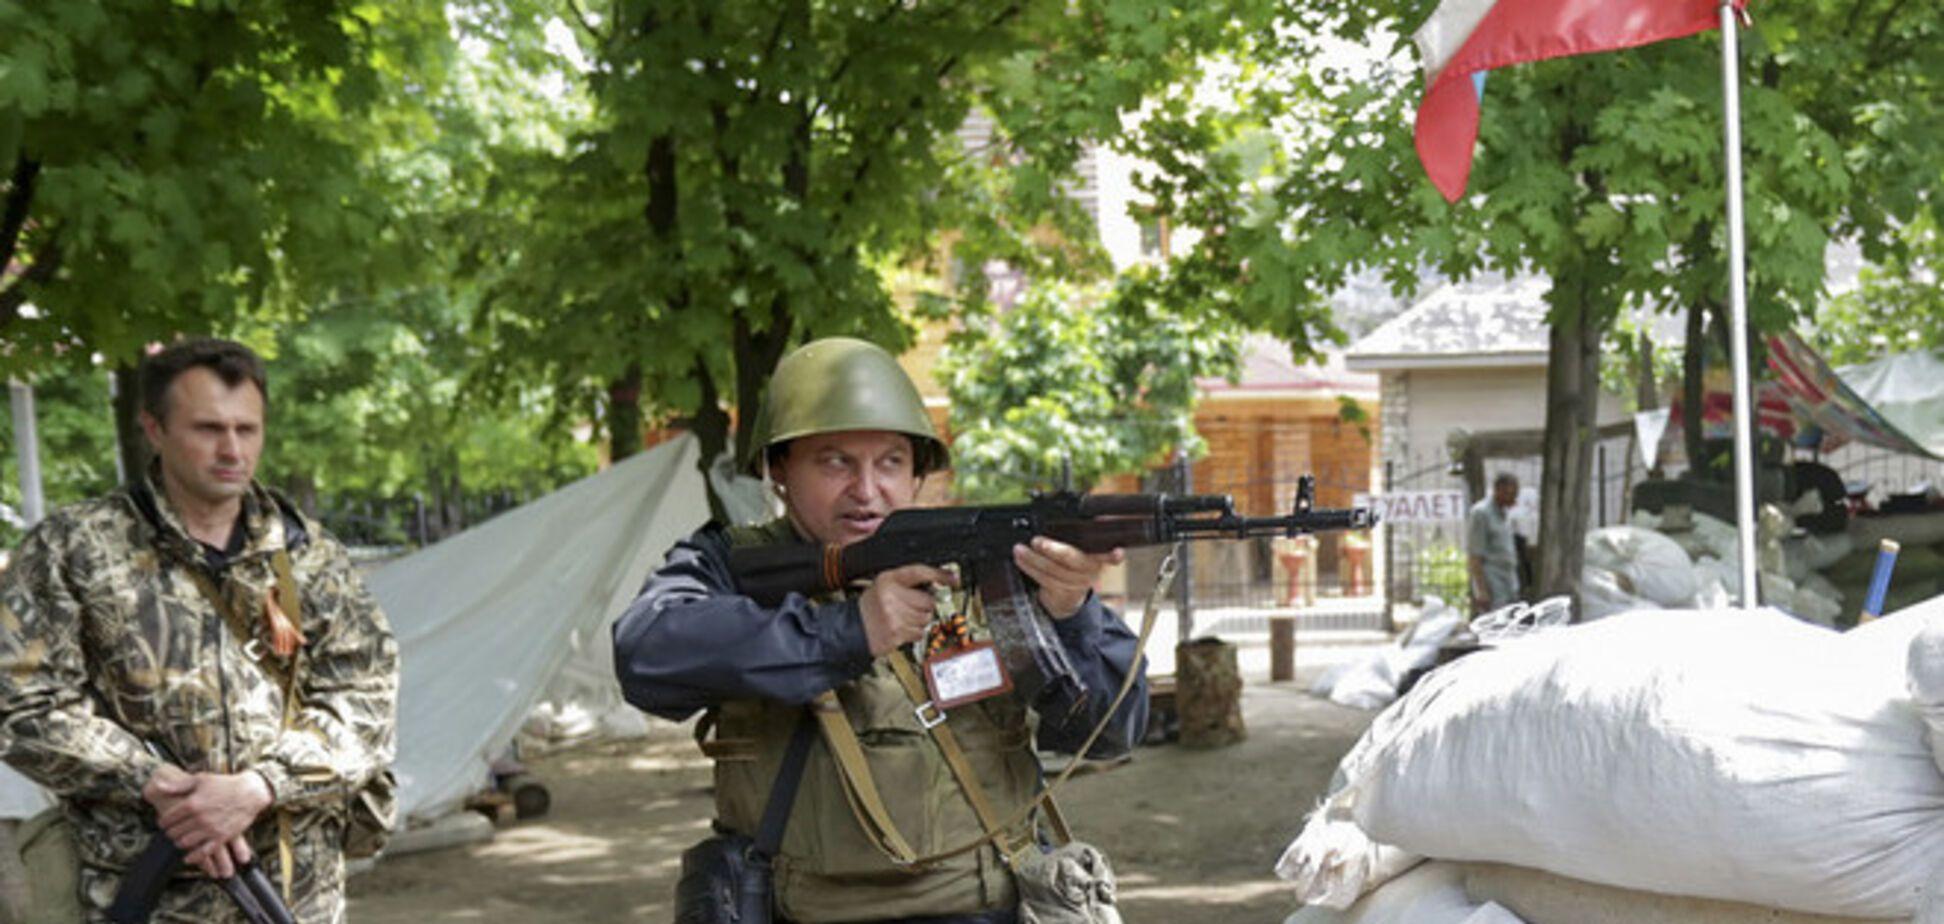 Минфин США: РФ продолжает поддерживать террористов на востоке Украины